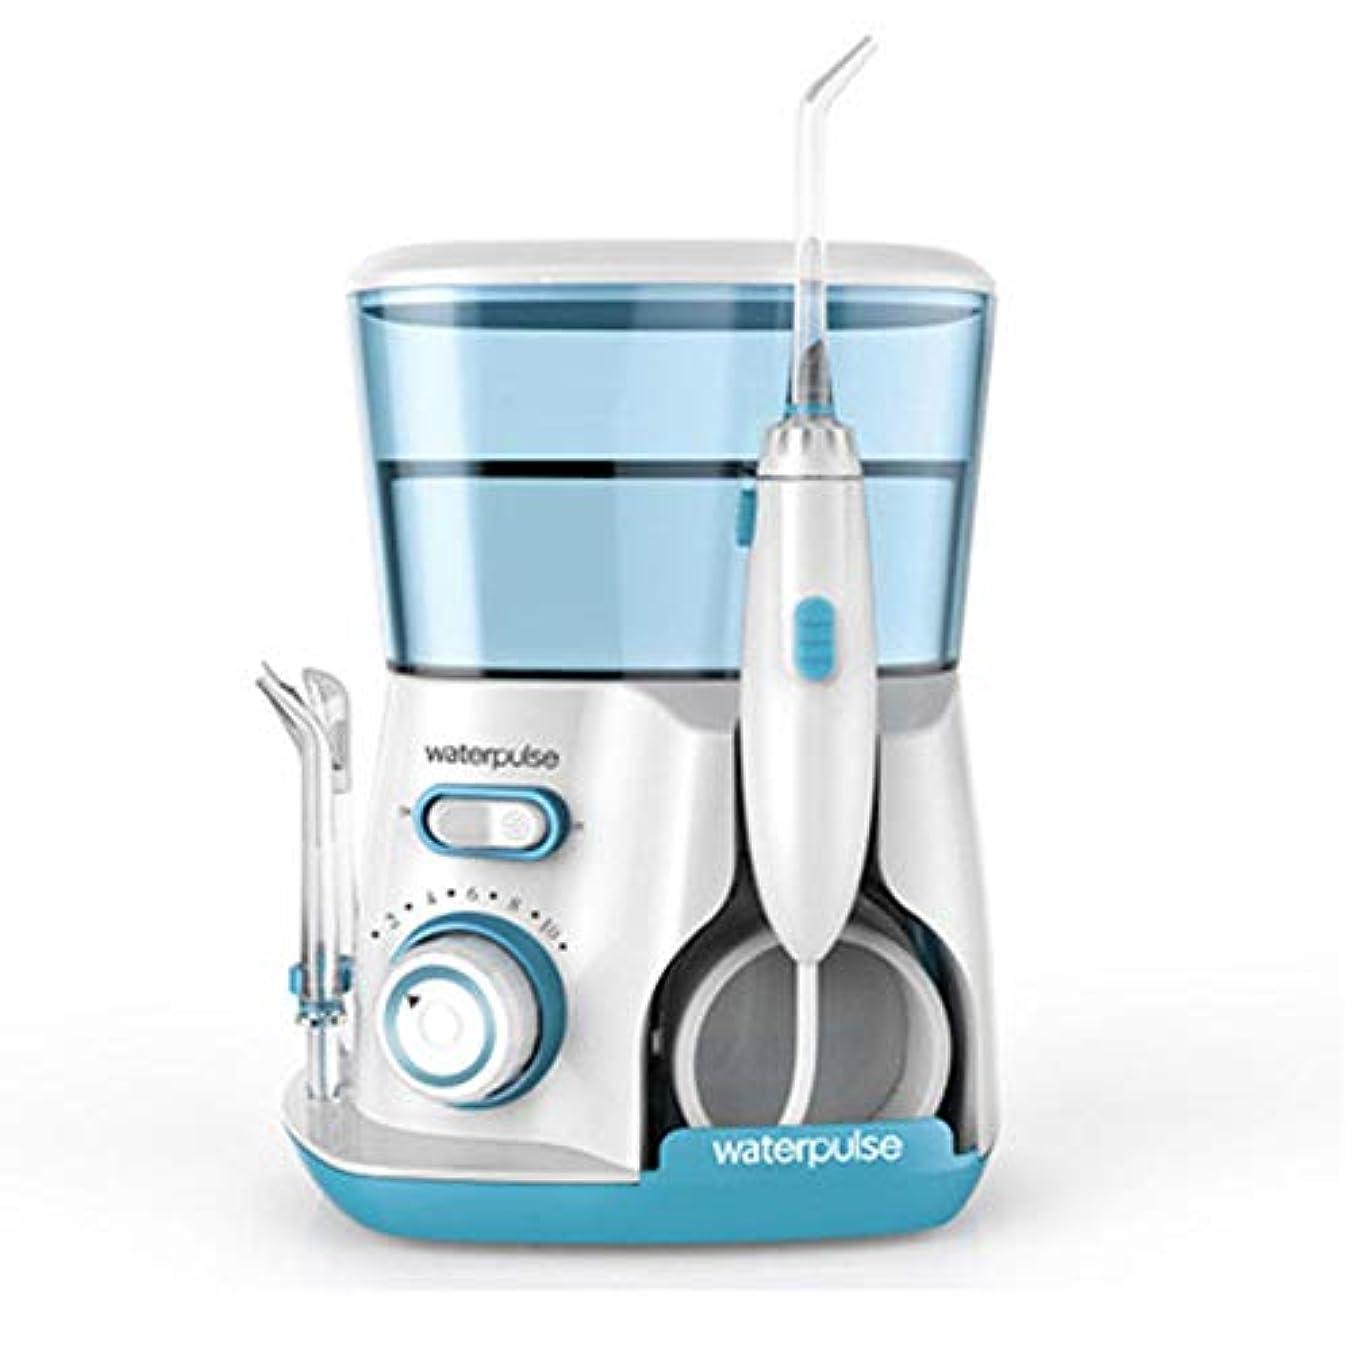 コロニアル古くなったつま先水の容量800mlの5つの多機能ヒントのカウンタートップ歯科口腔洗浄器でリークプルーフ電気静かな設計ホーム&トラベル (色 : Green)